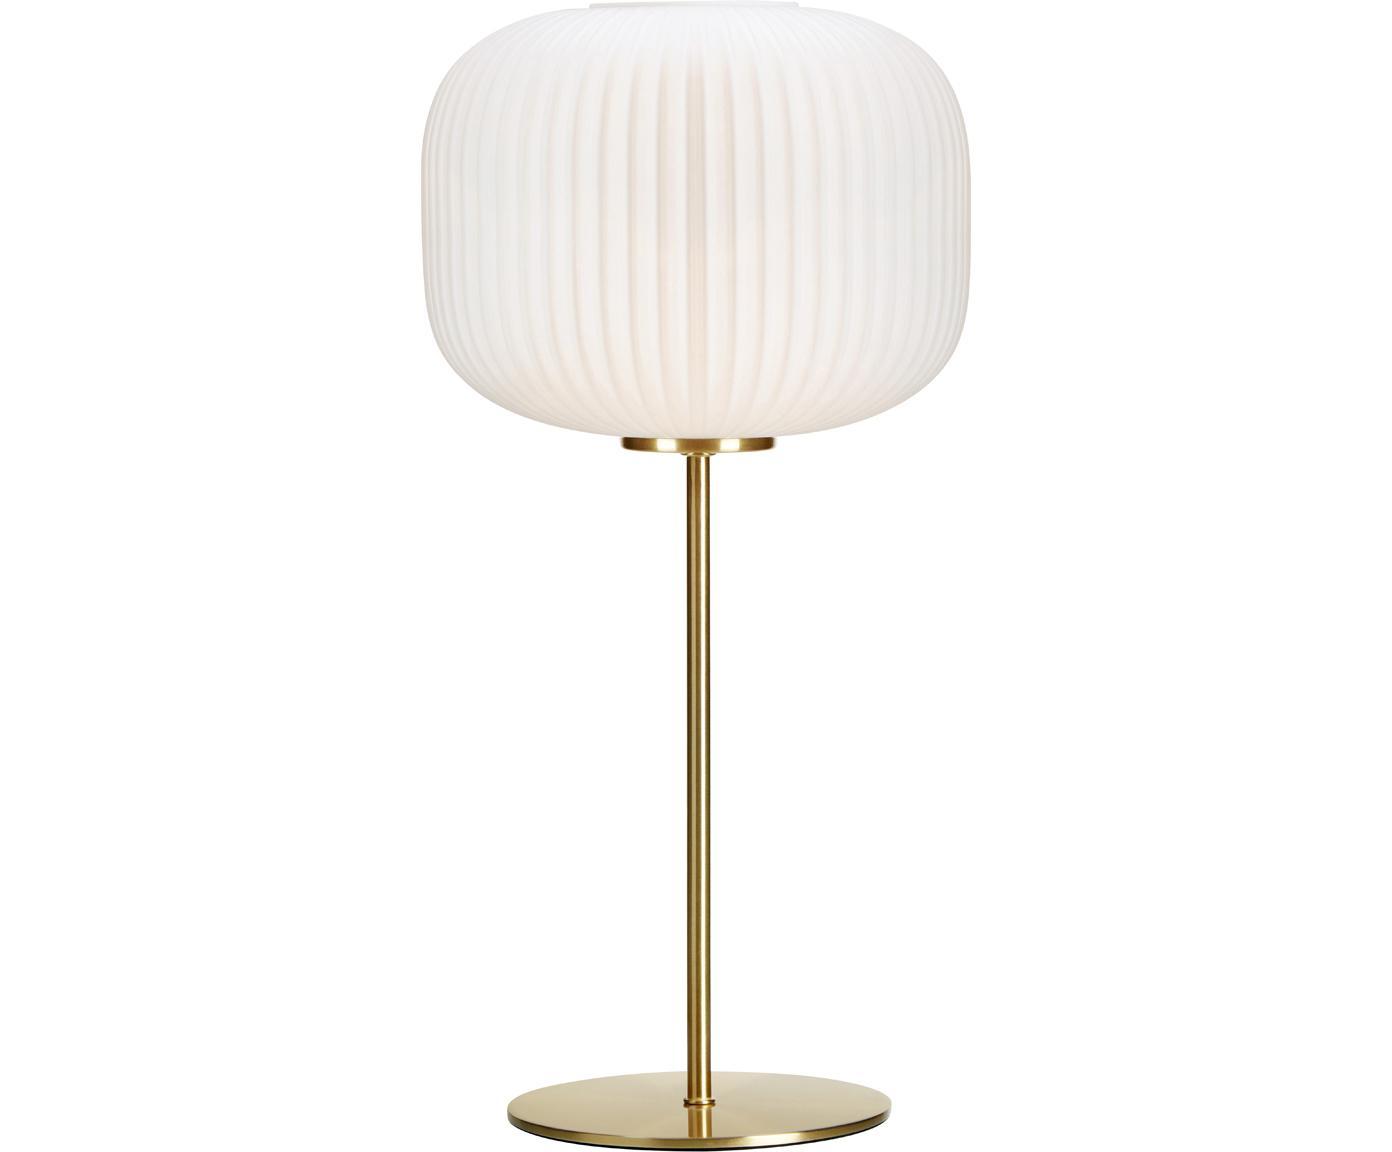 Tischleuchte Sober, Lampenschirm: Glas, Lampenfuß: Metall, gebürstet, Weiß, Gold, Ø 25 x H 50 cm